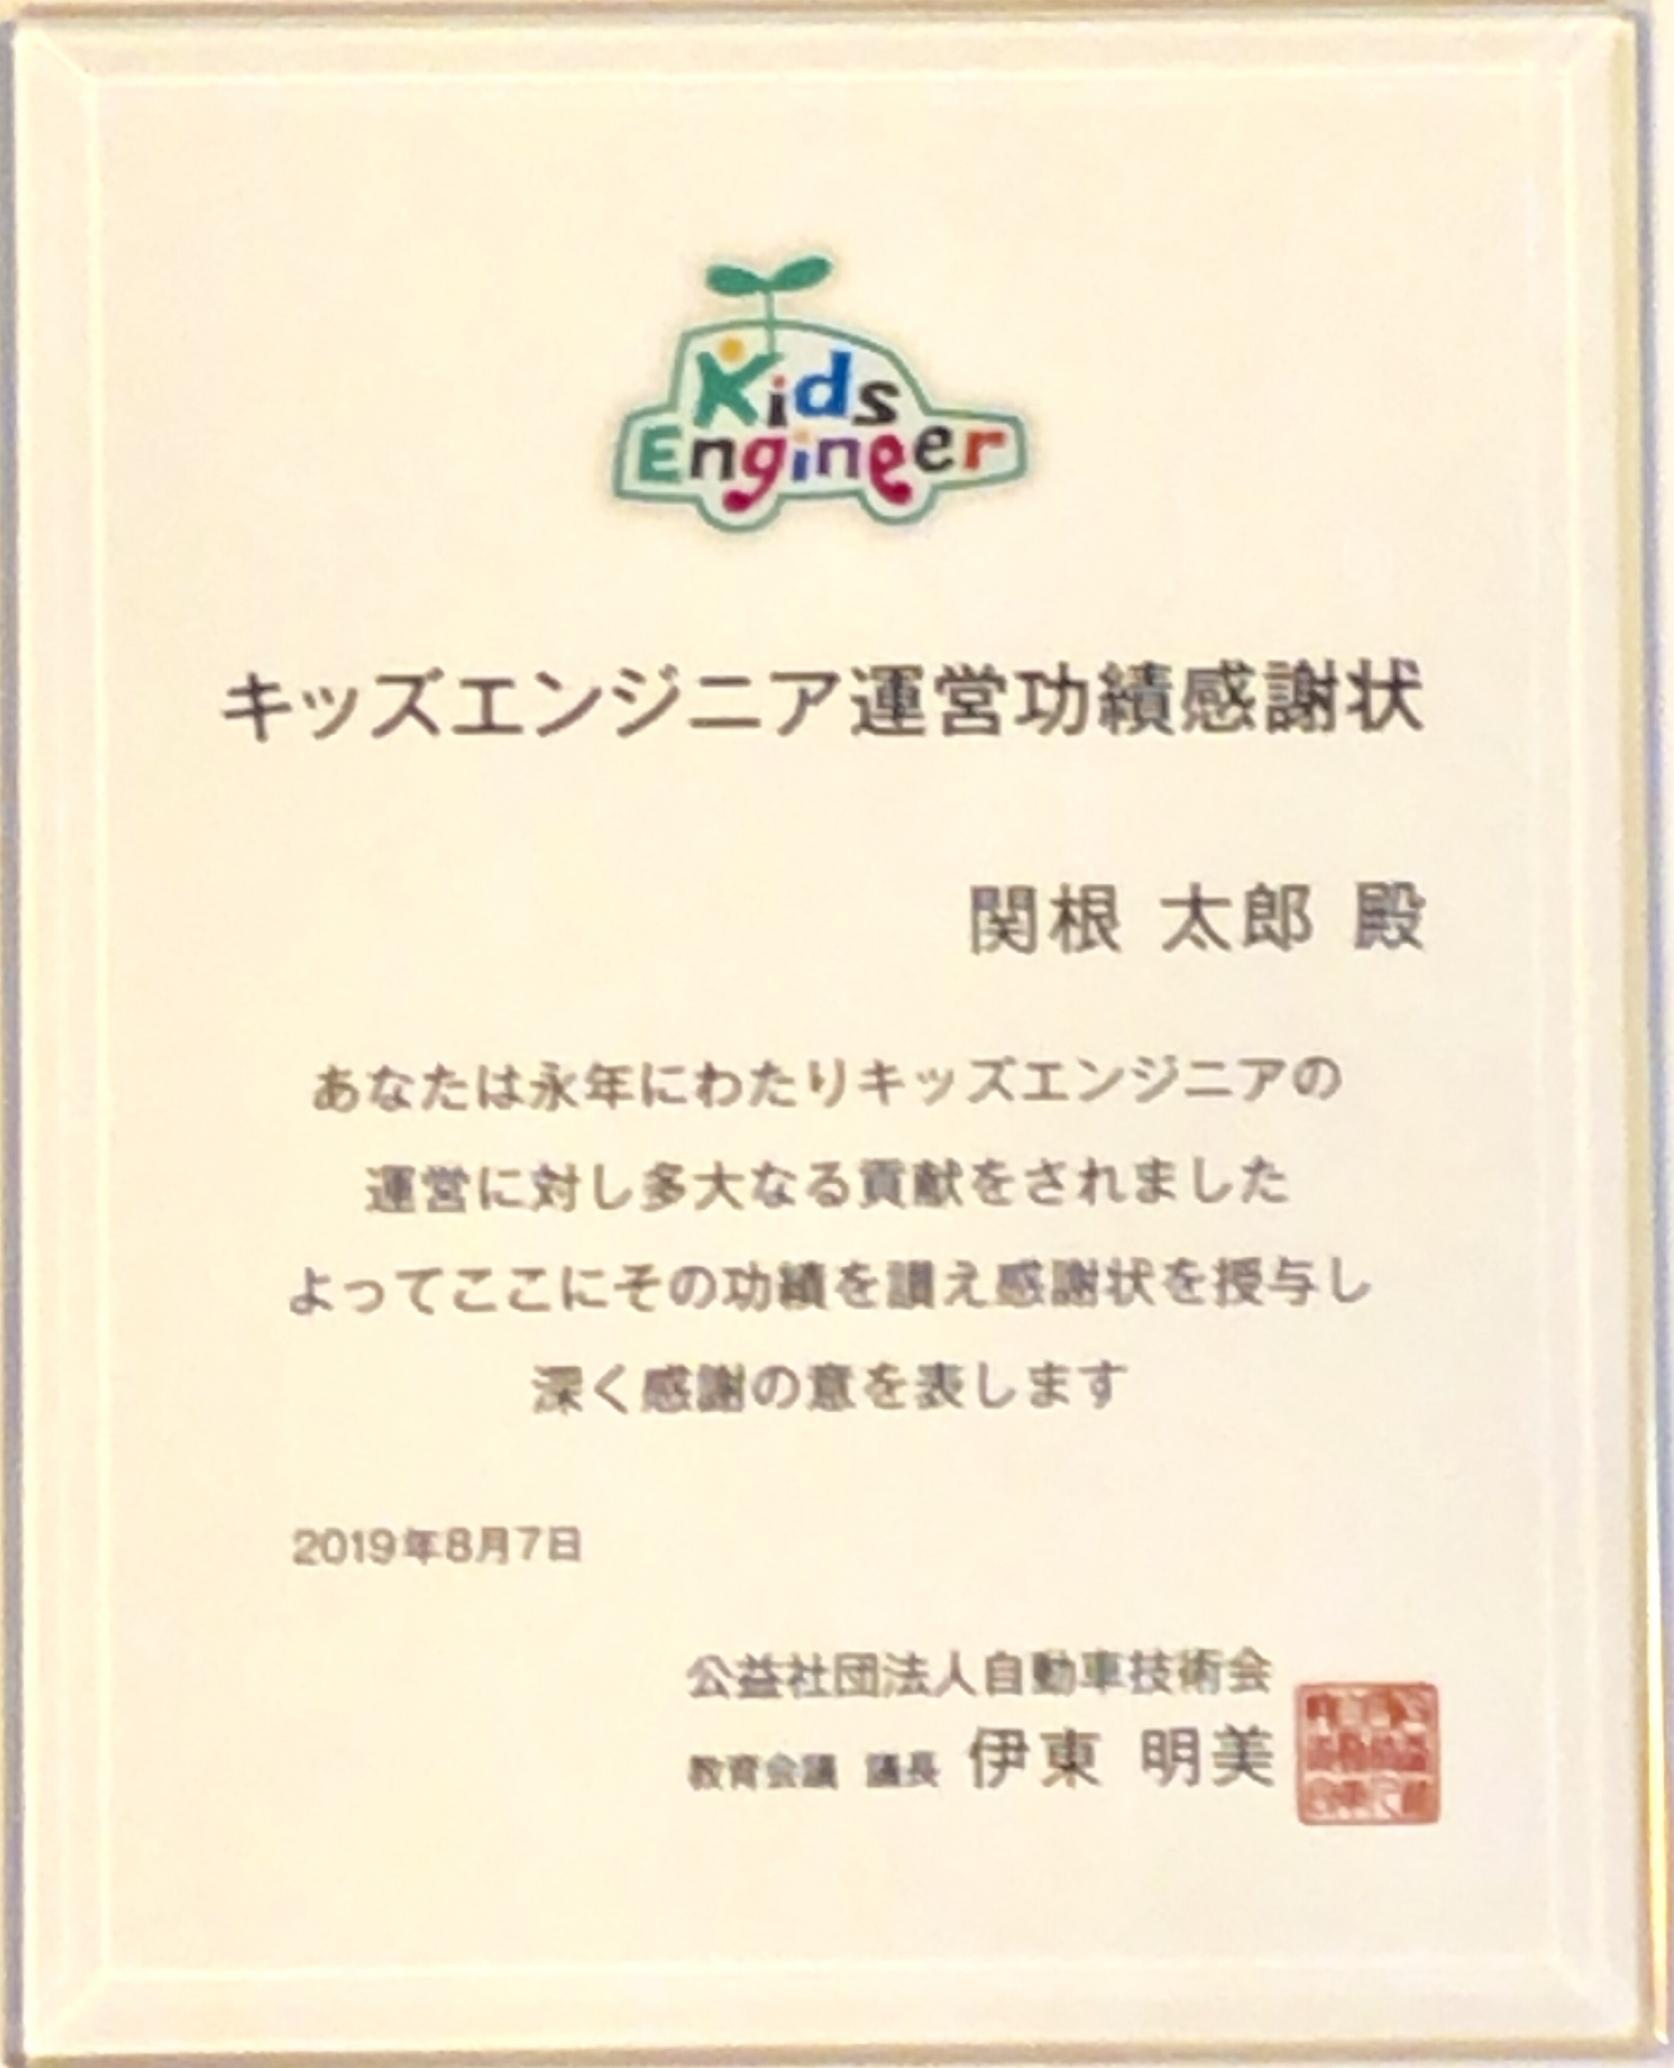 機械工学科 関根太郎教授に自動車技術会から感謝状が贈呈されました。